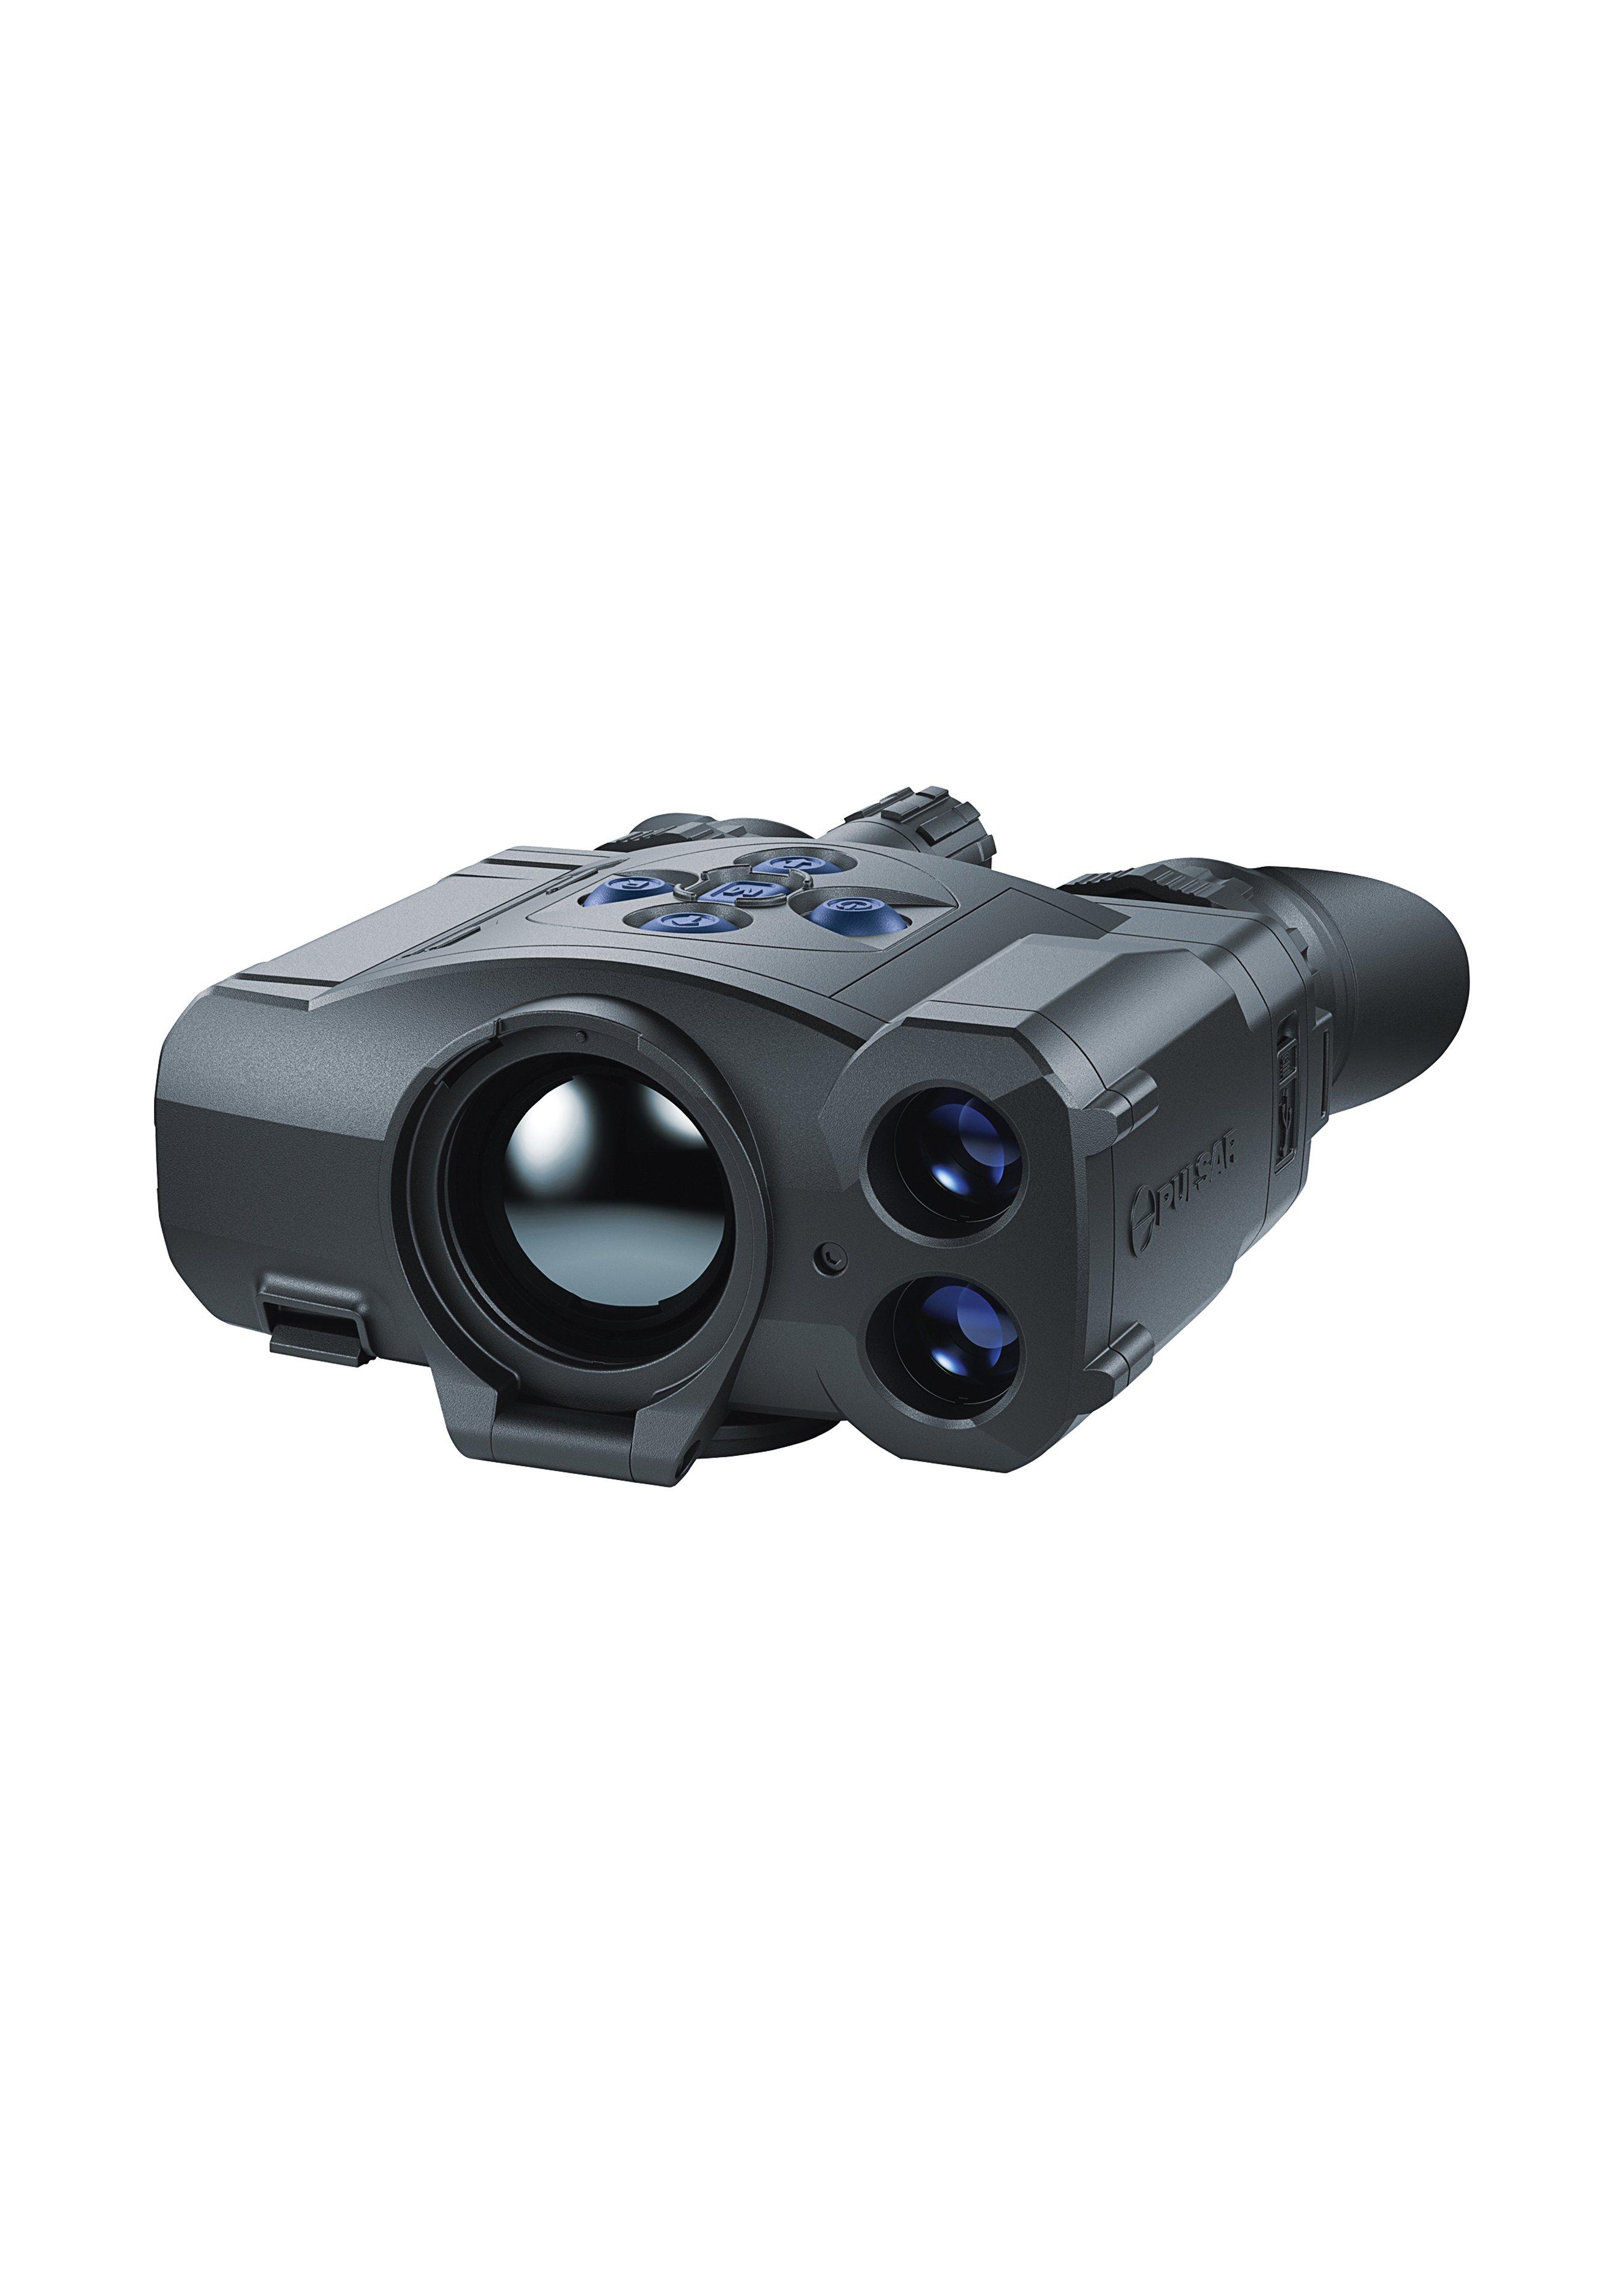 Caméra thermique Accolade-2 LRF XP50 244810 2